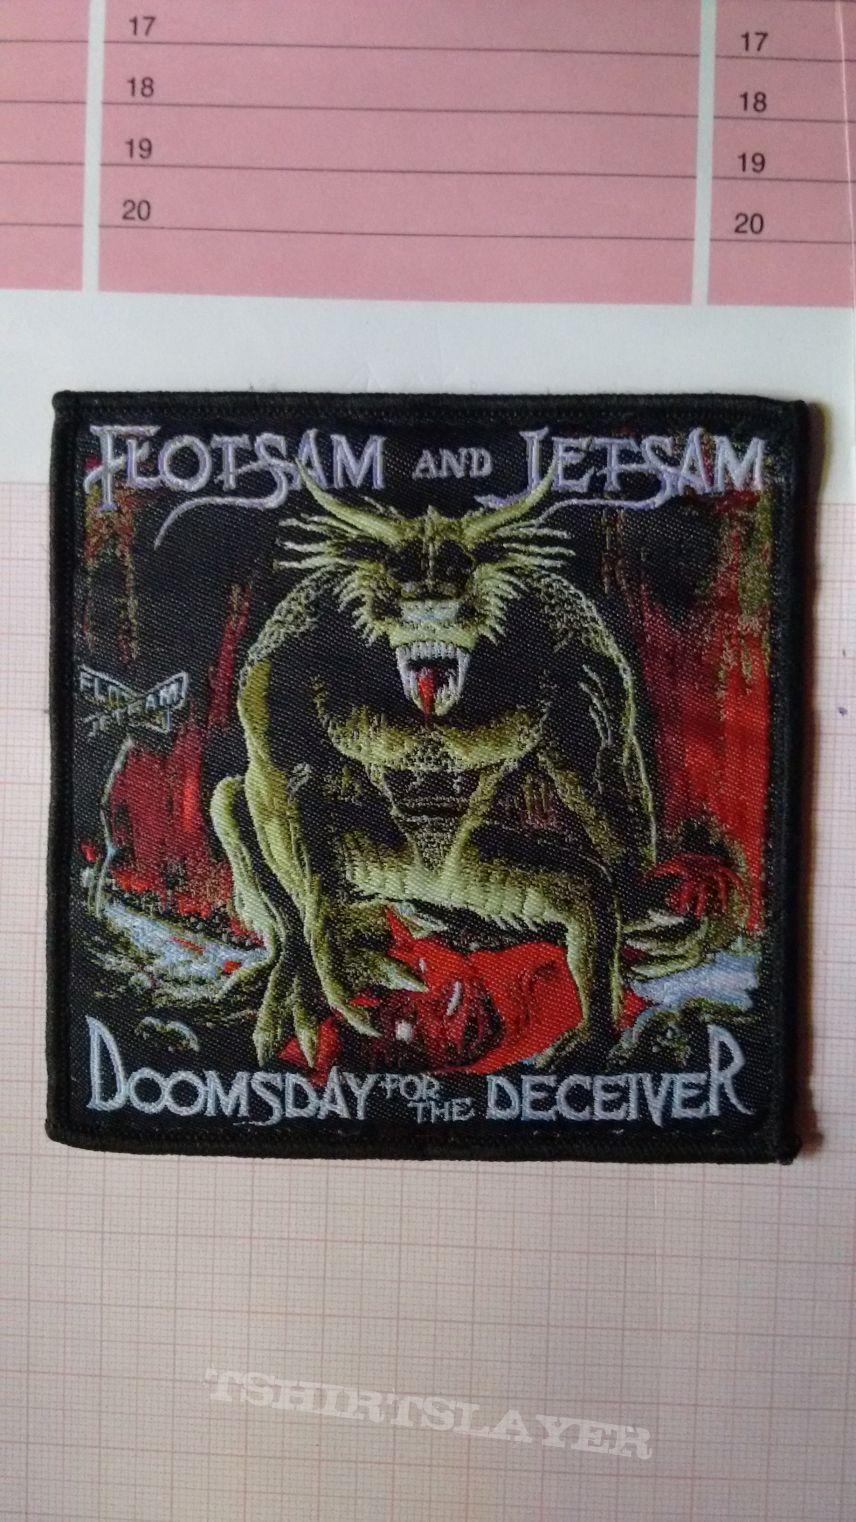 Official Flotsam & Jetsam woven patch